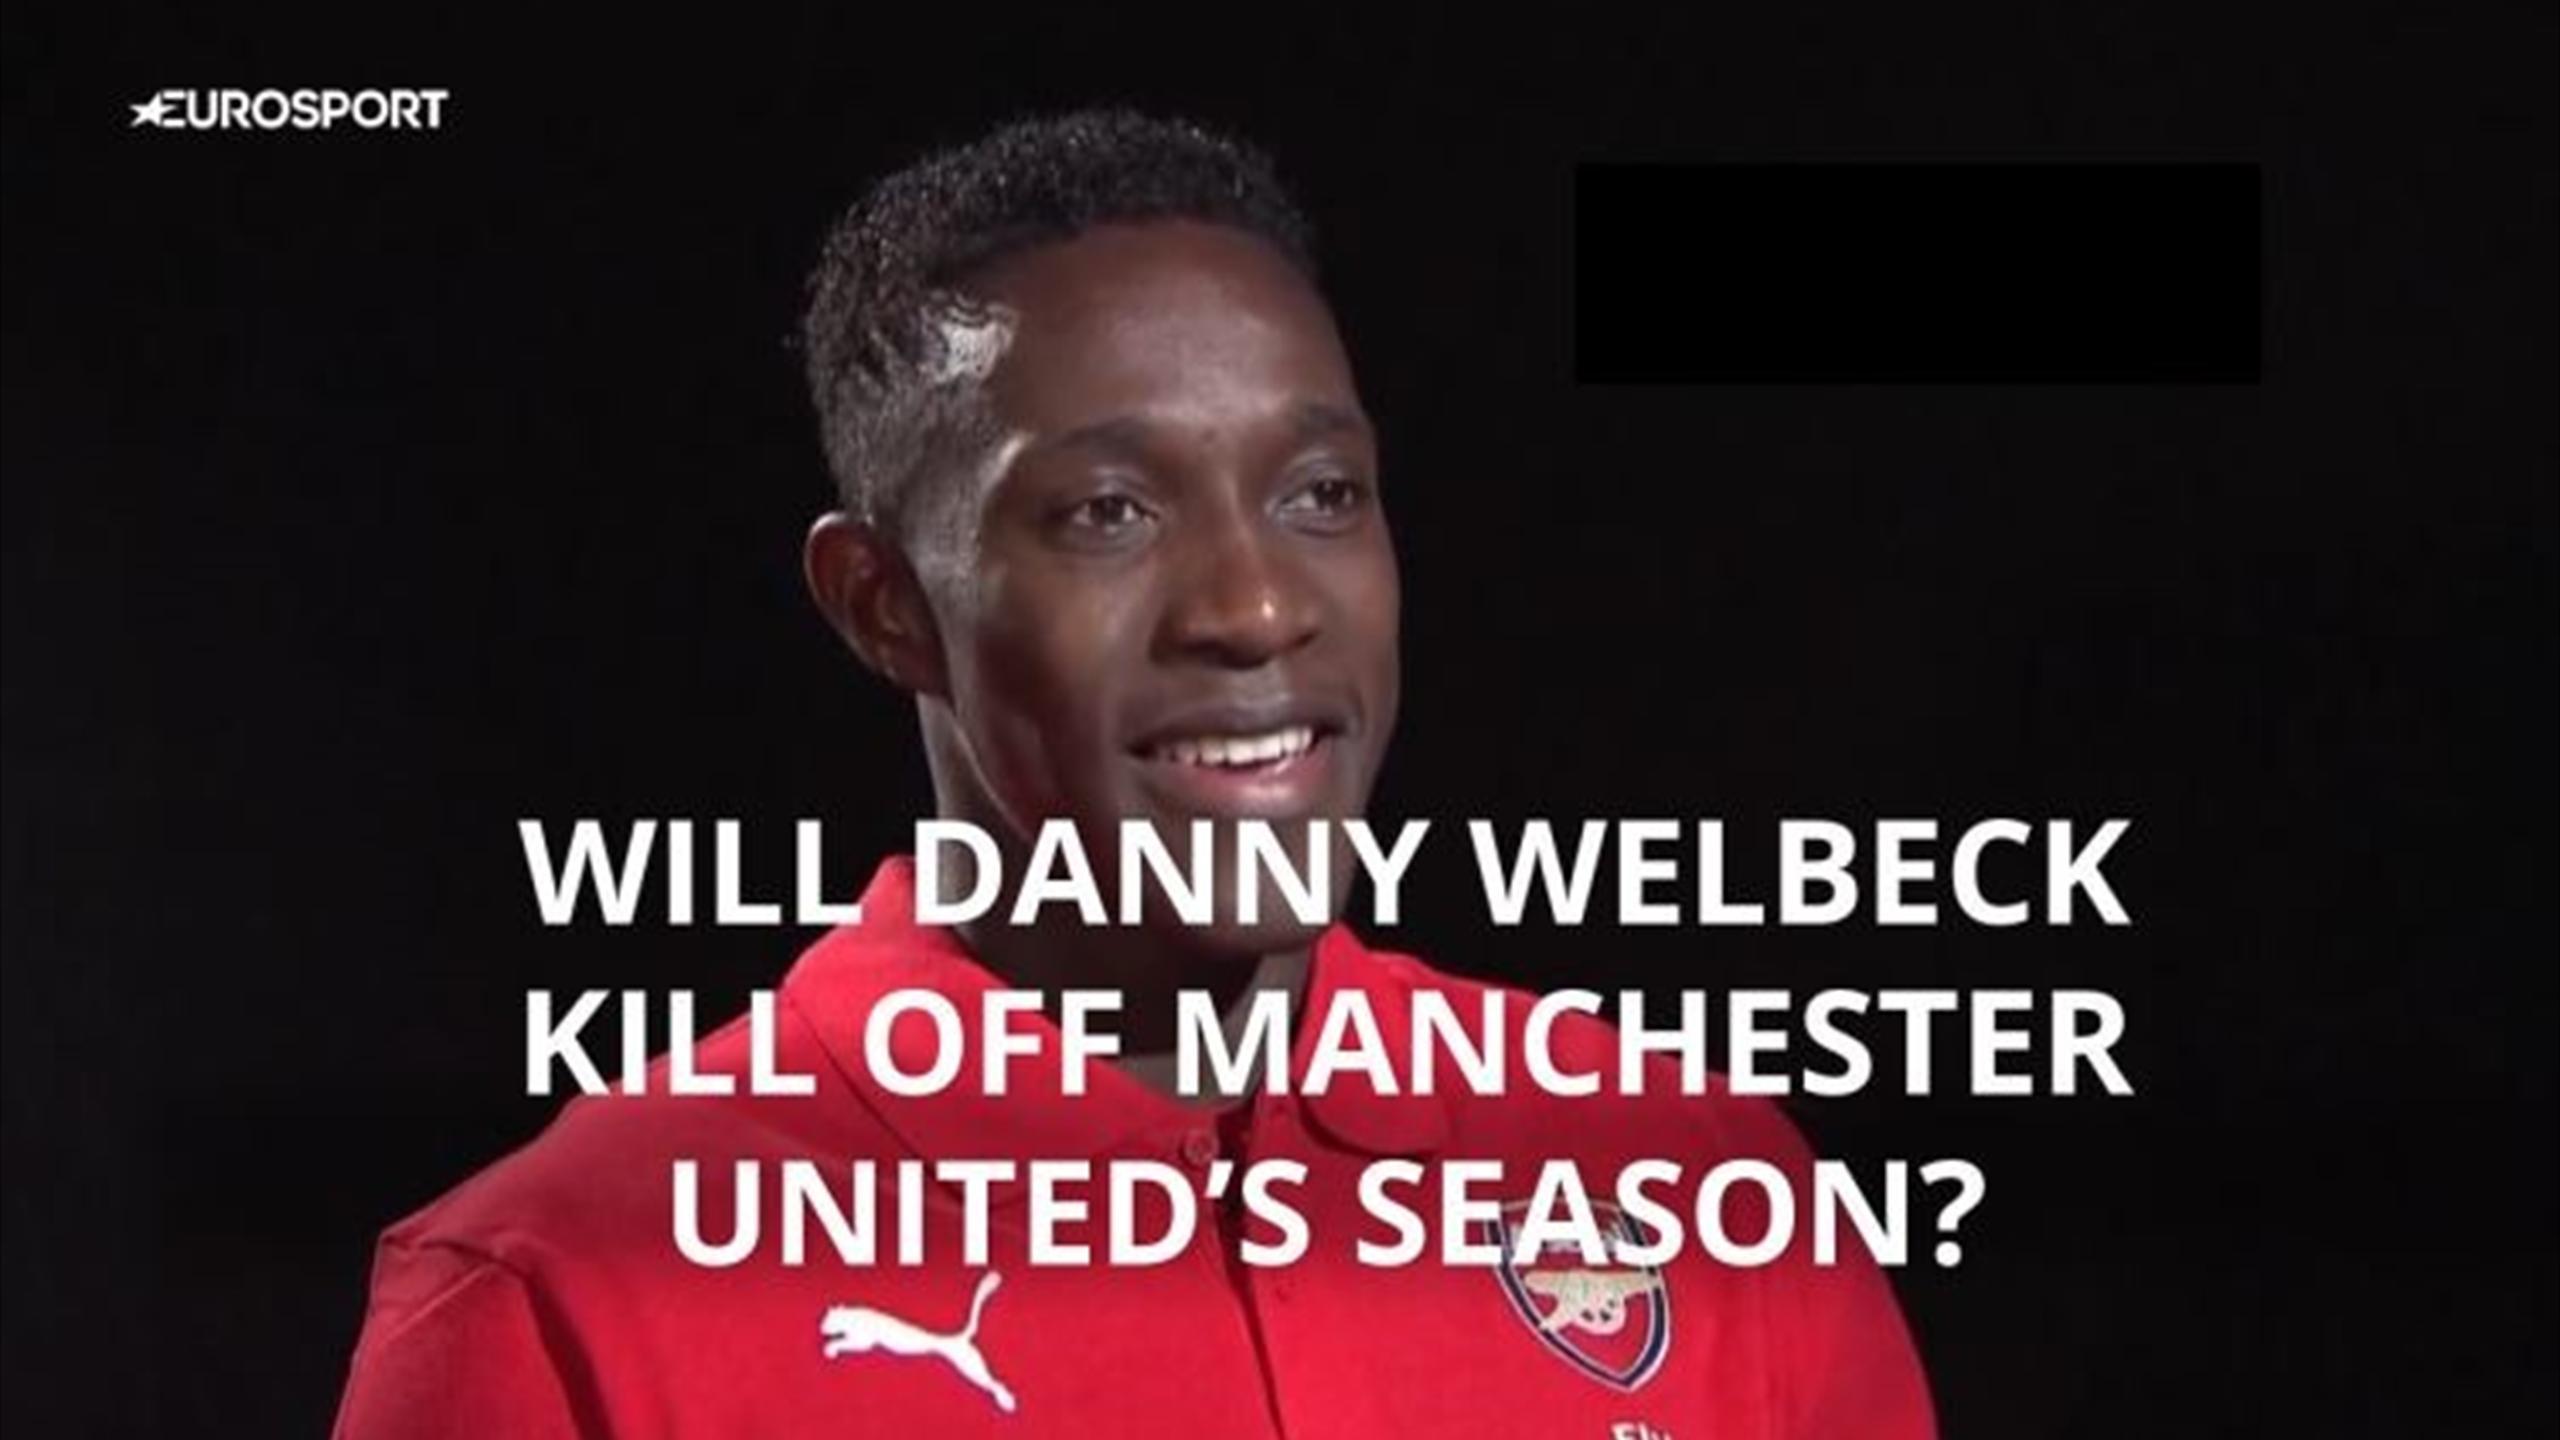 Will Danny Welbeck kill off Manchester United's season?